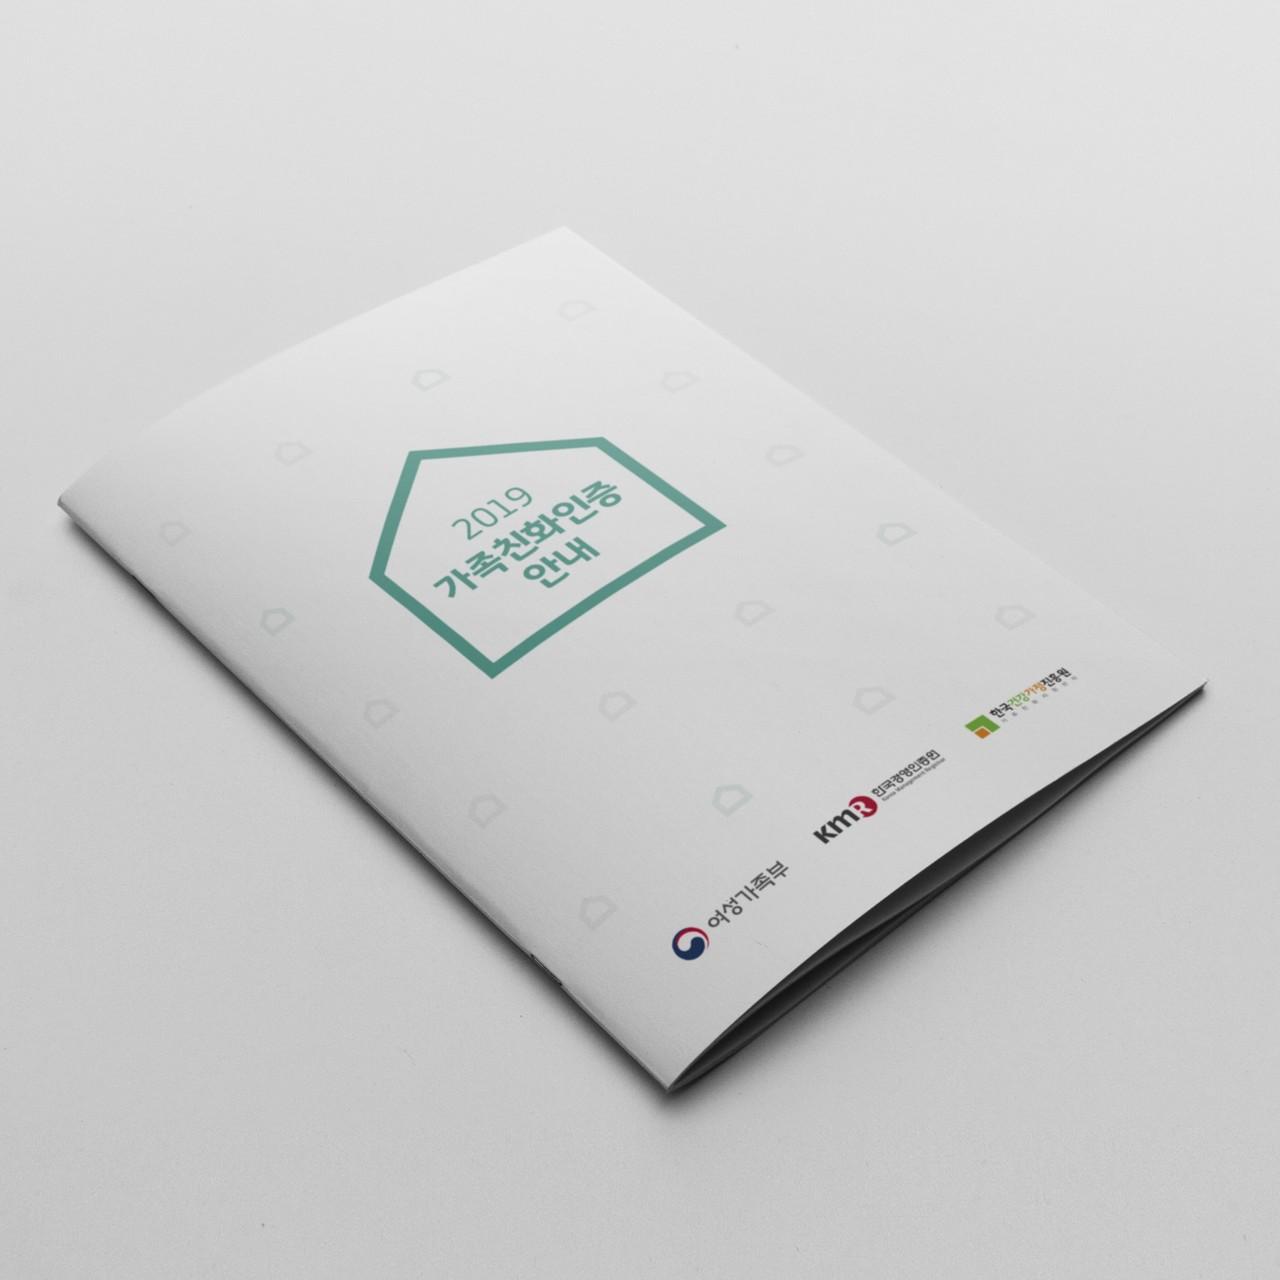 2019 가족친화인증 안내 브로슈어 디자인 시안 - 한국경영인증원